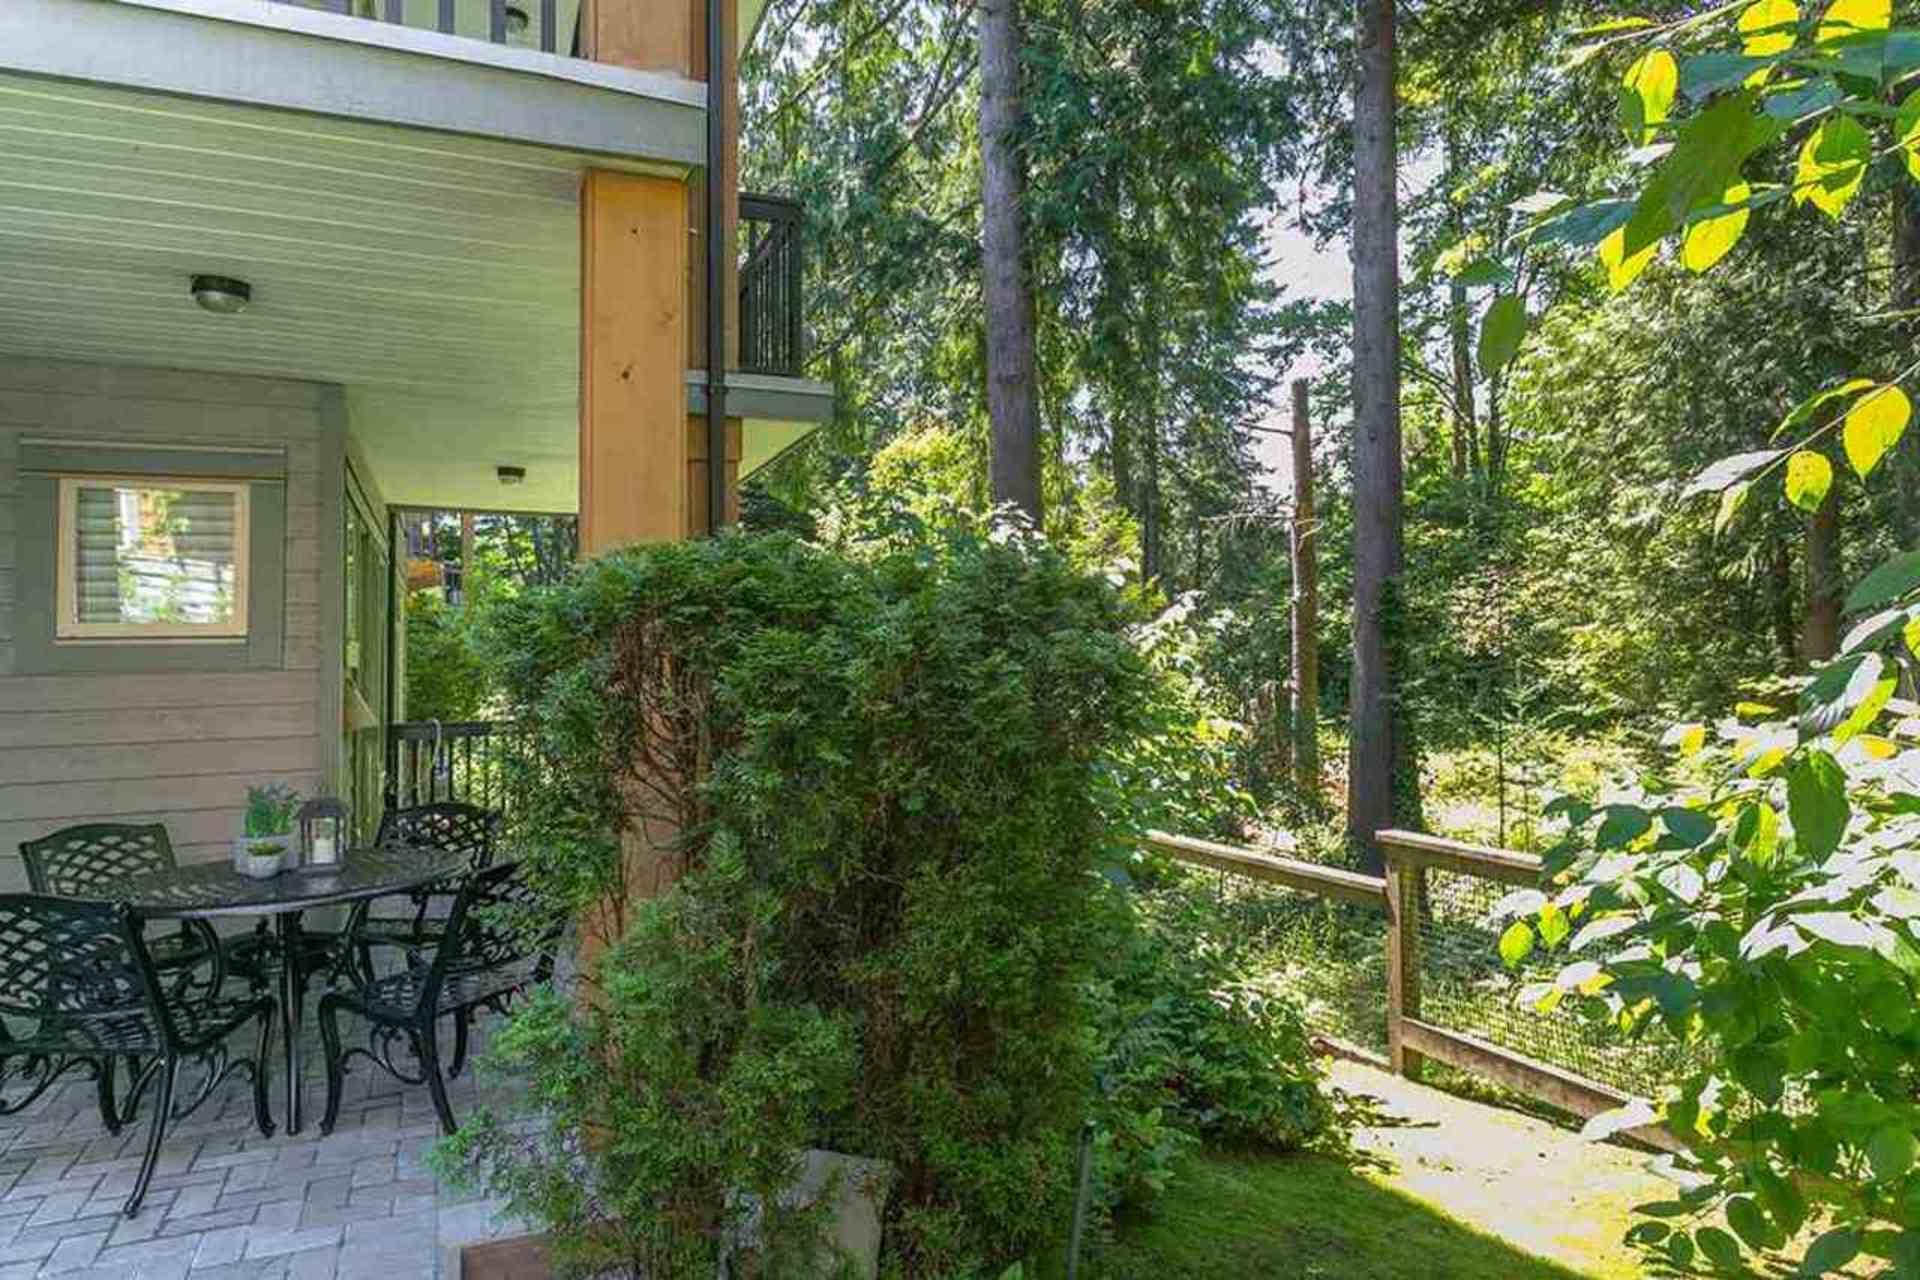 3125-capilano-crescent-capilano-nv-north-vancouver-18 at 109 - 3125 Capilano Crescent, Capilano NV, North Vancouver